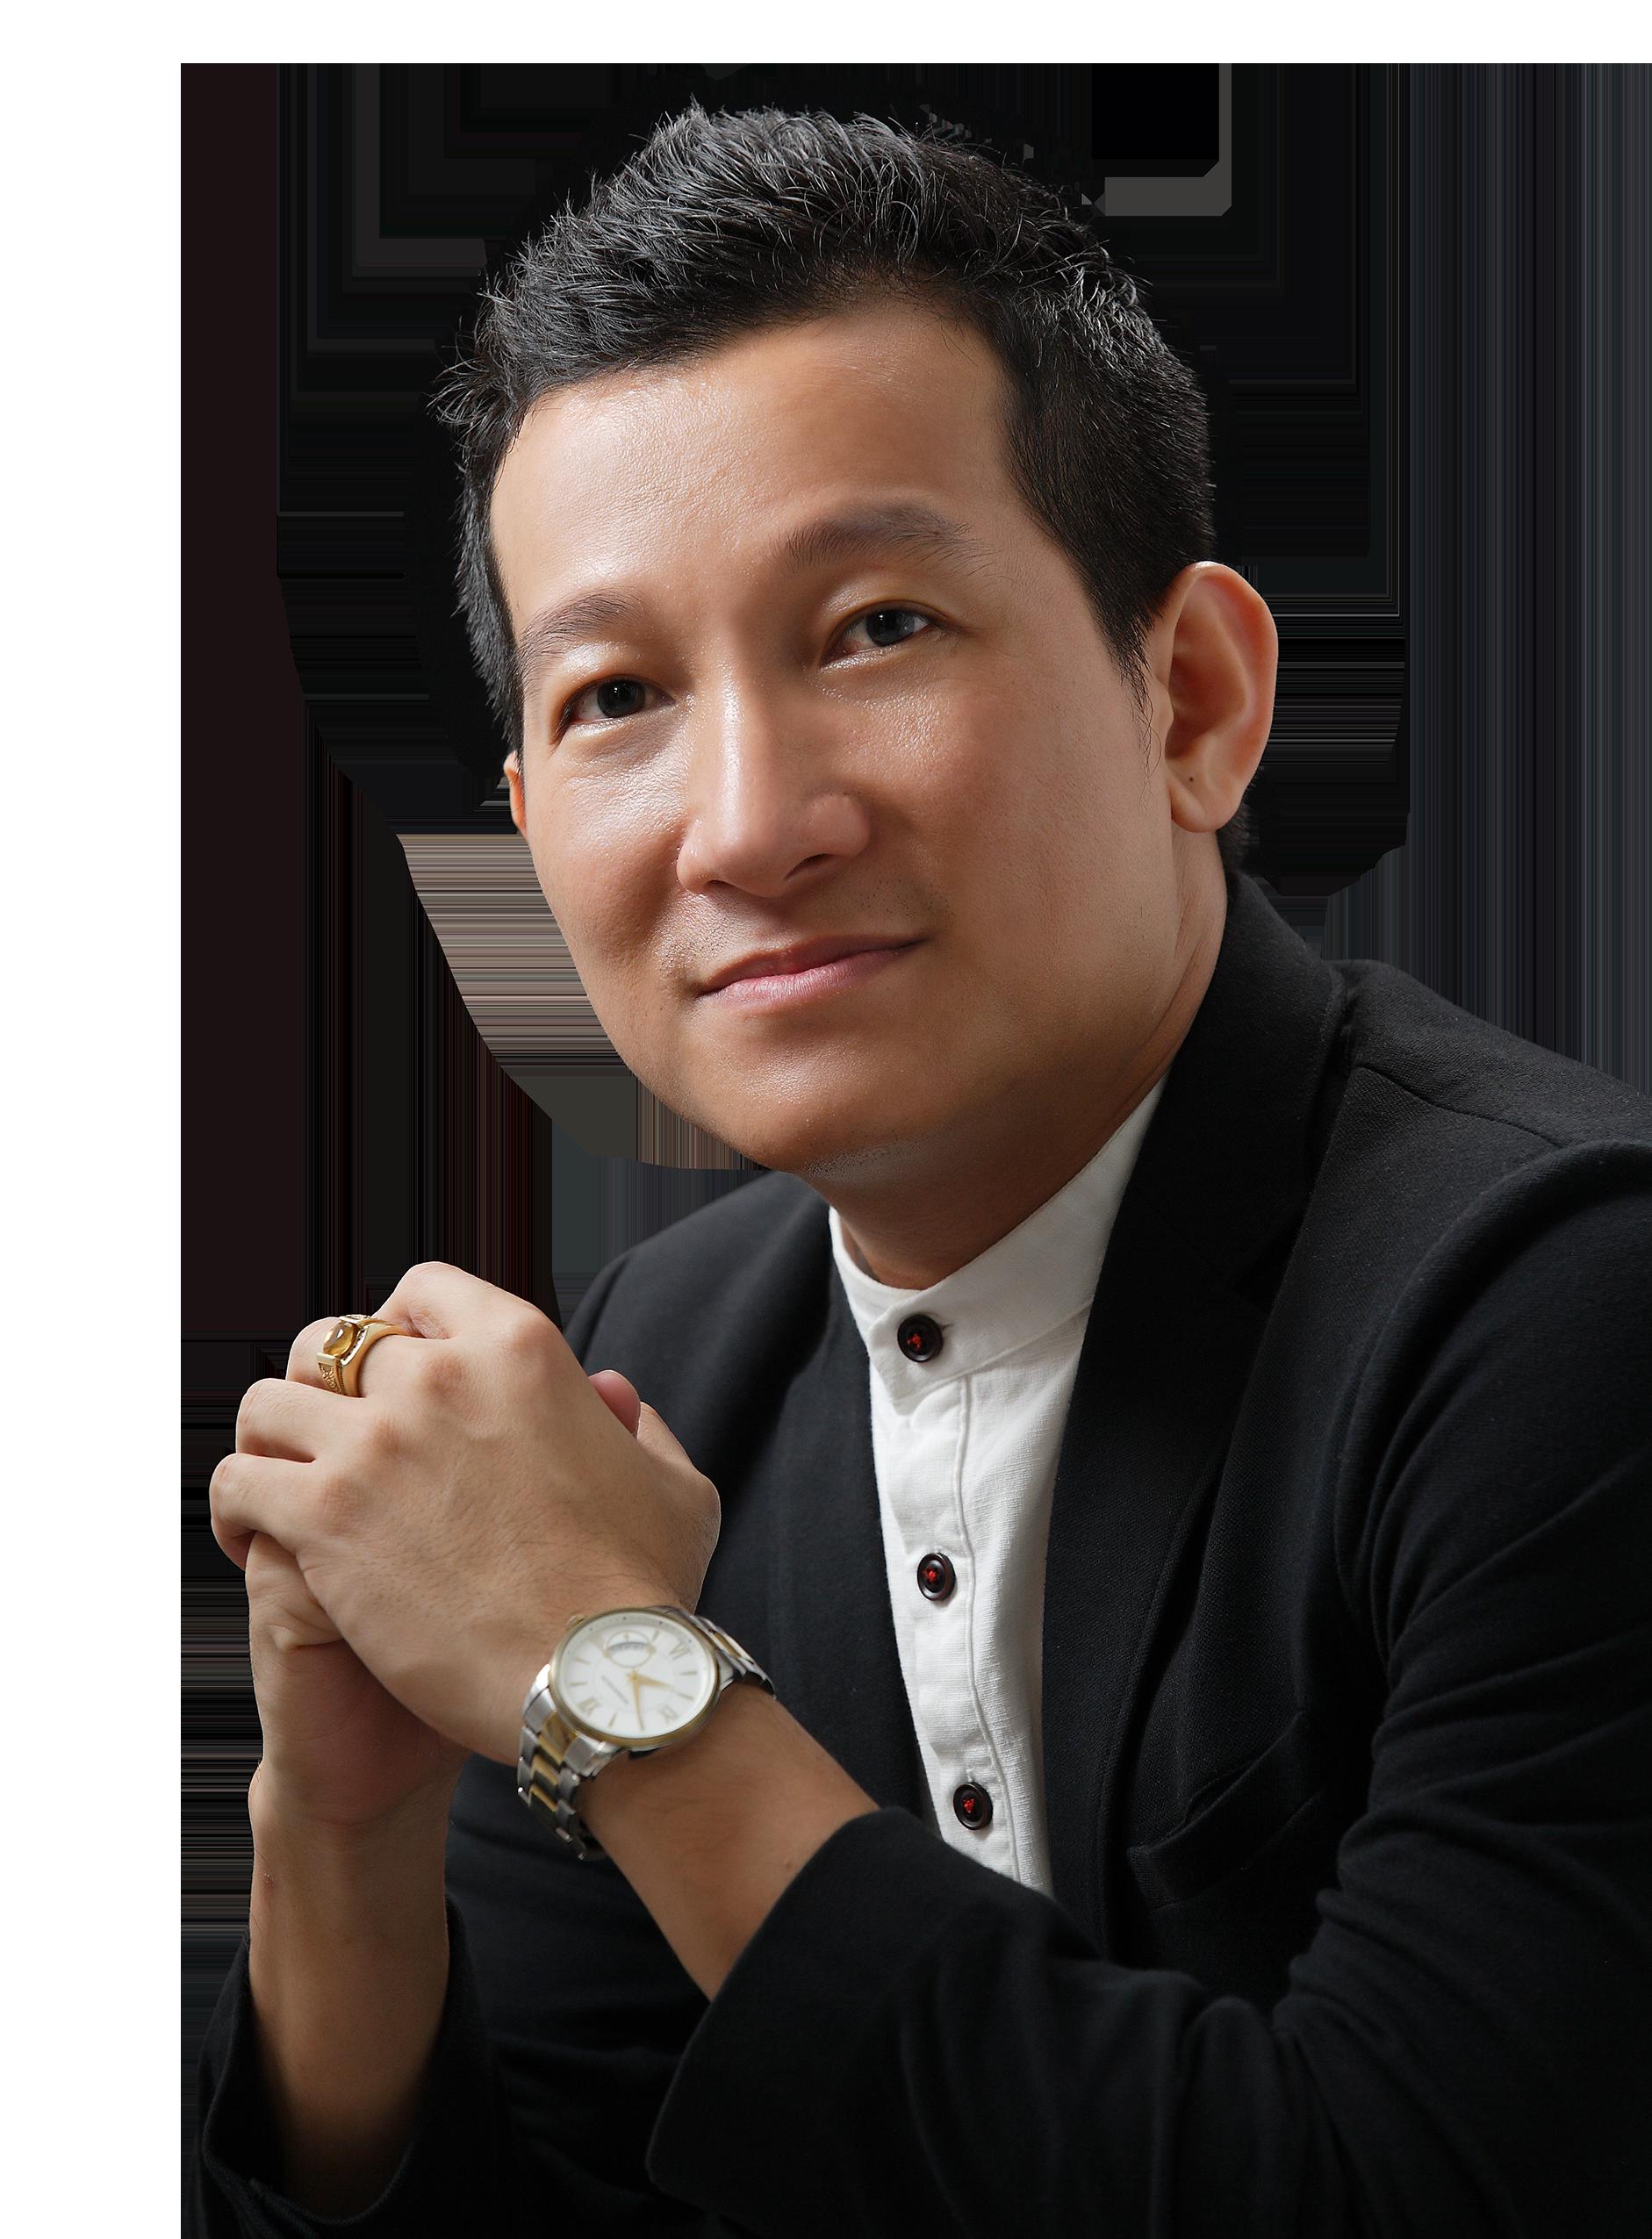 Diễn giả Trần Quốc Phúc - Tác giả Vườn Tâm Hồn